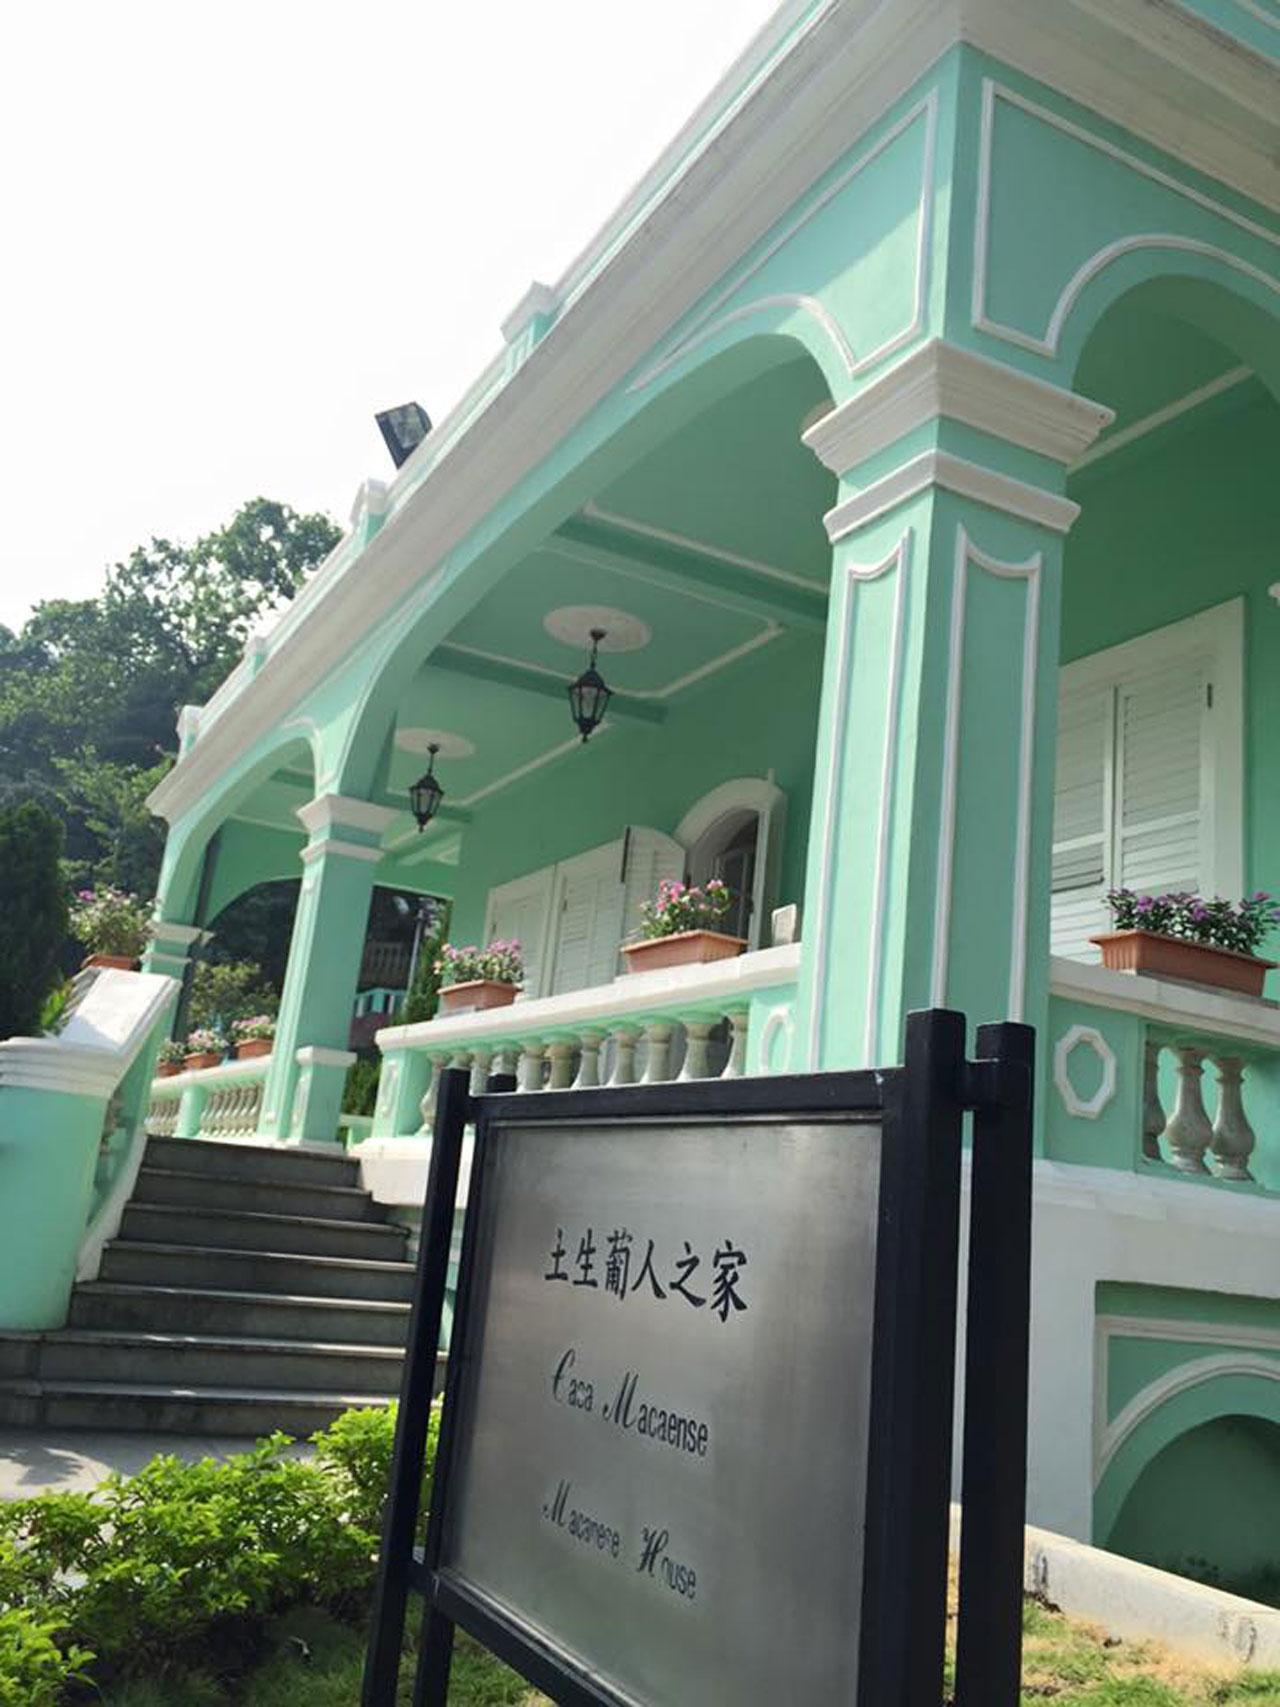 พิพิธภัณฑ์บ้านไทปา